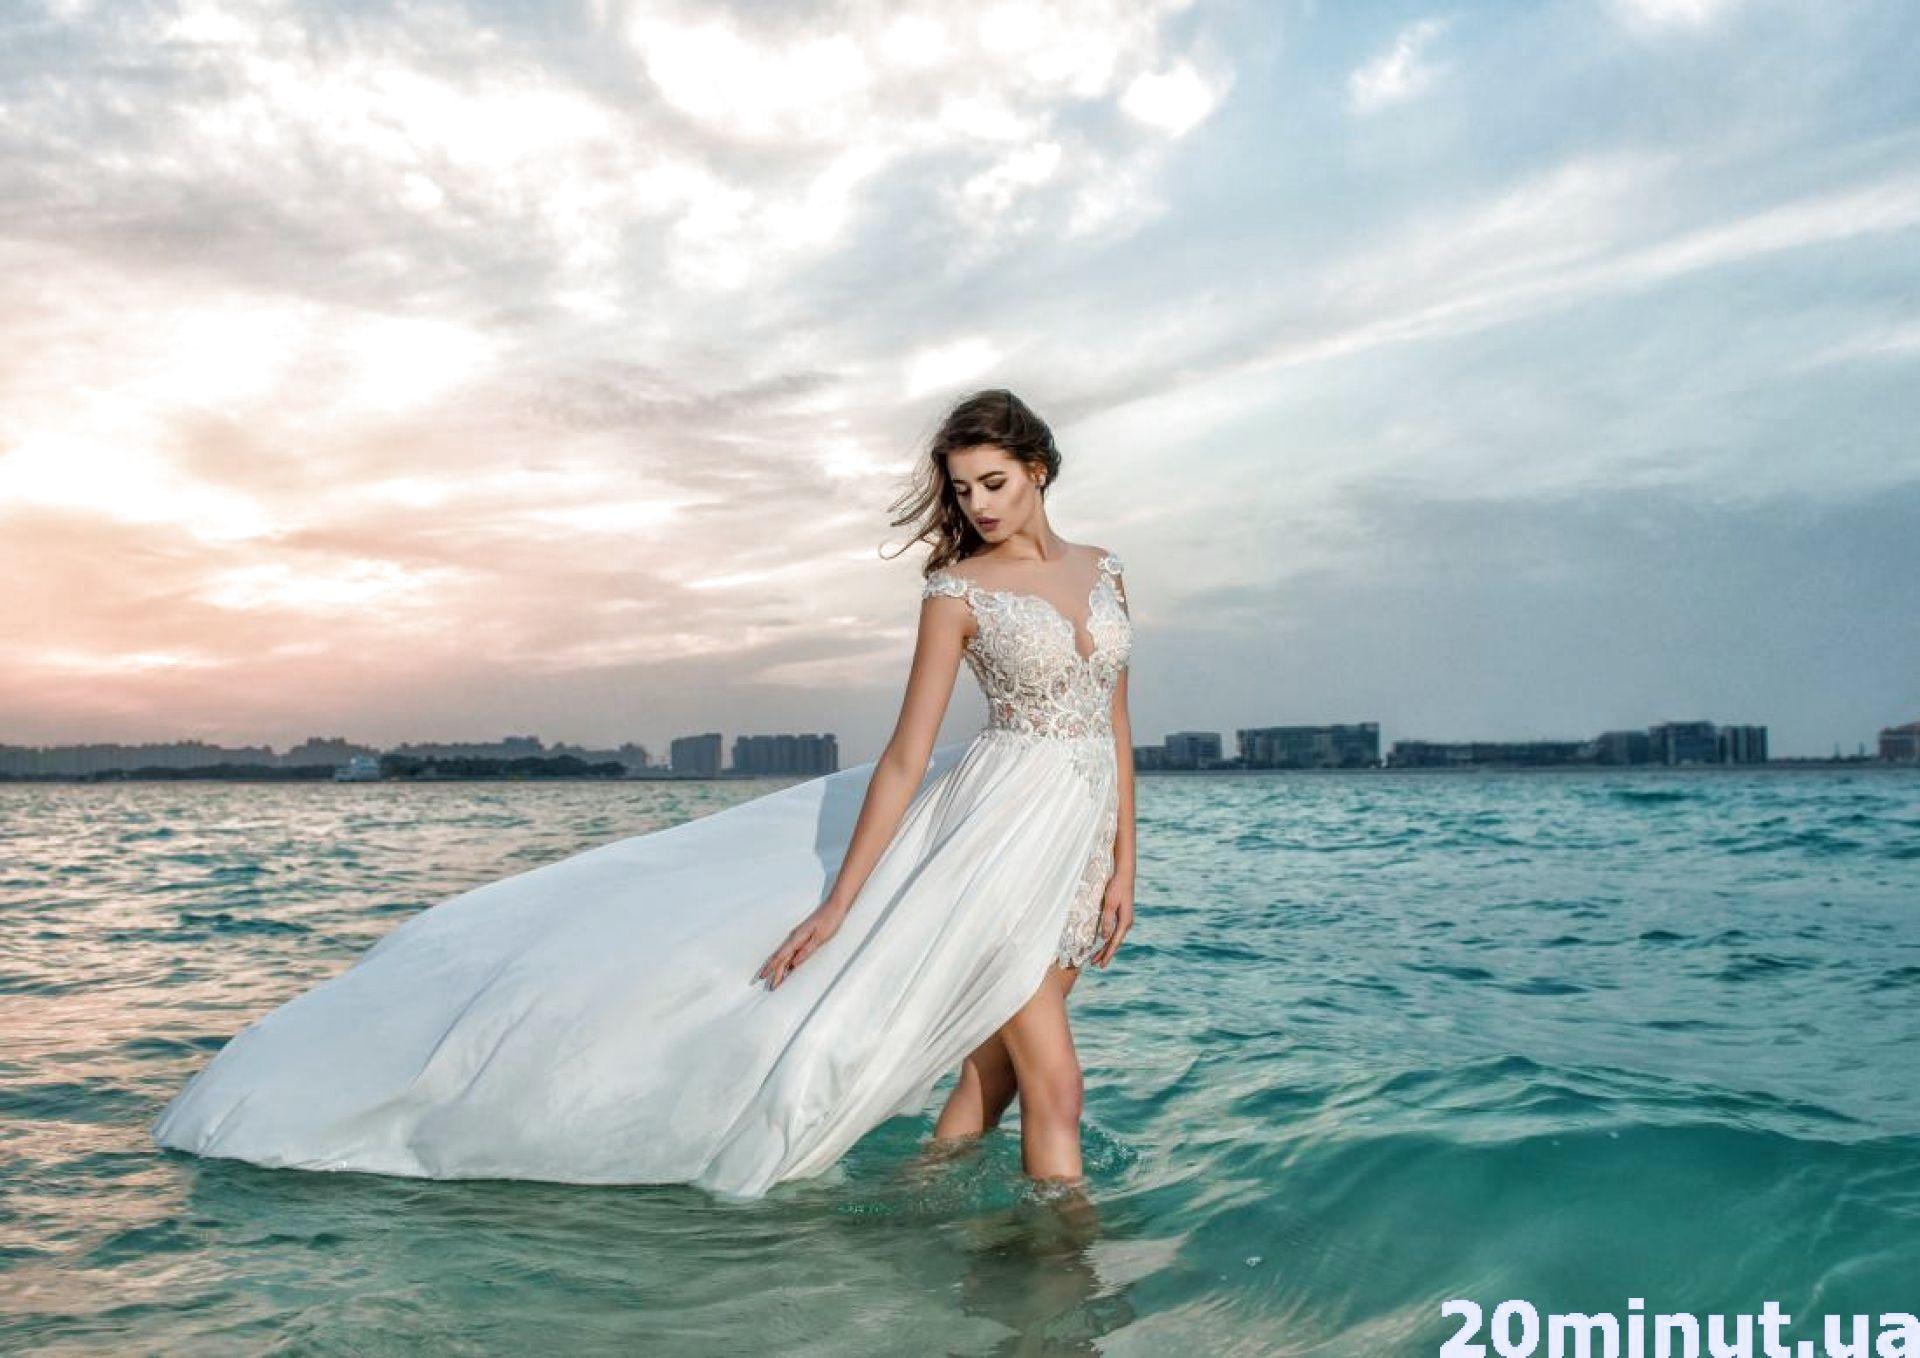 Весільний сезон (новини компаній)   19 02 2019 - te.20minut.ua 658c4b41d2540